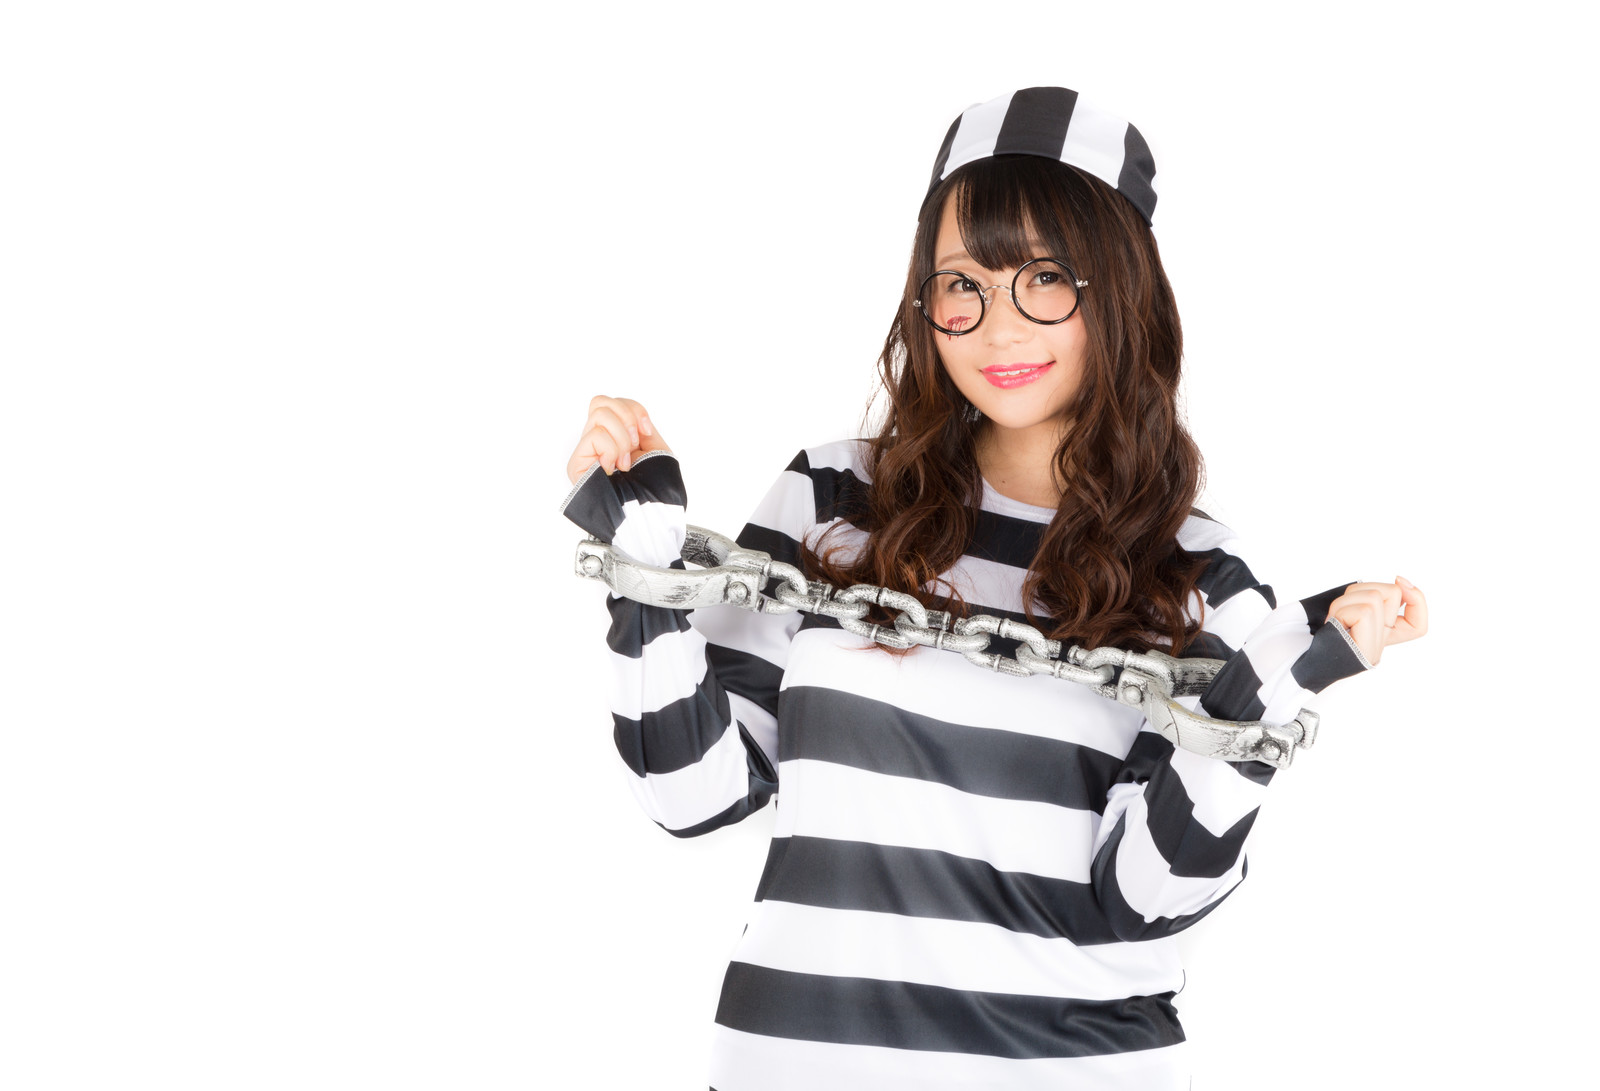 「鎖に繋がれても笑顔な囚人服を着こなす美女鎖に繋がれても笑顔な囚人服を着こなす美女」[モデル:茜さや]のフリー写真素材を拡大